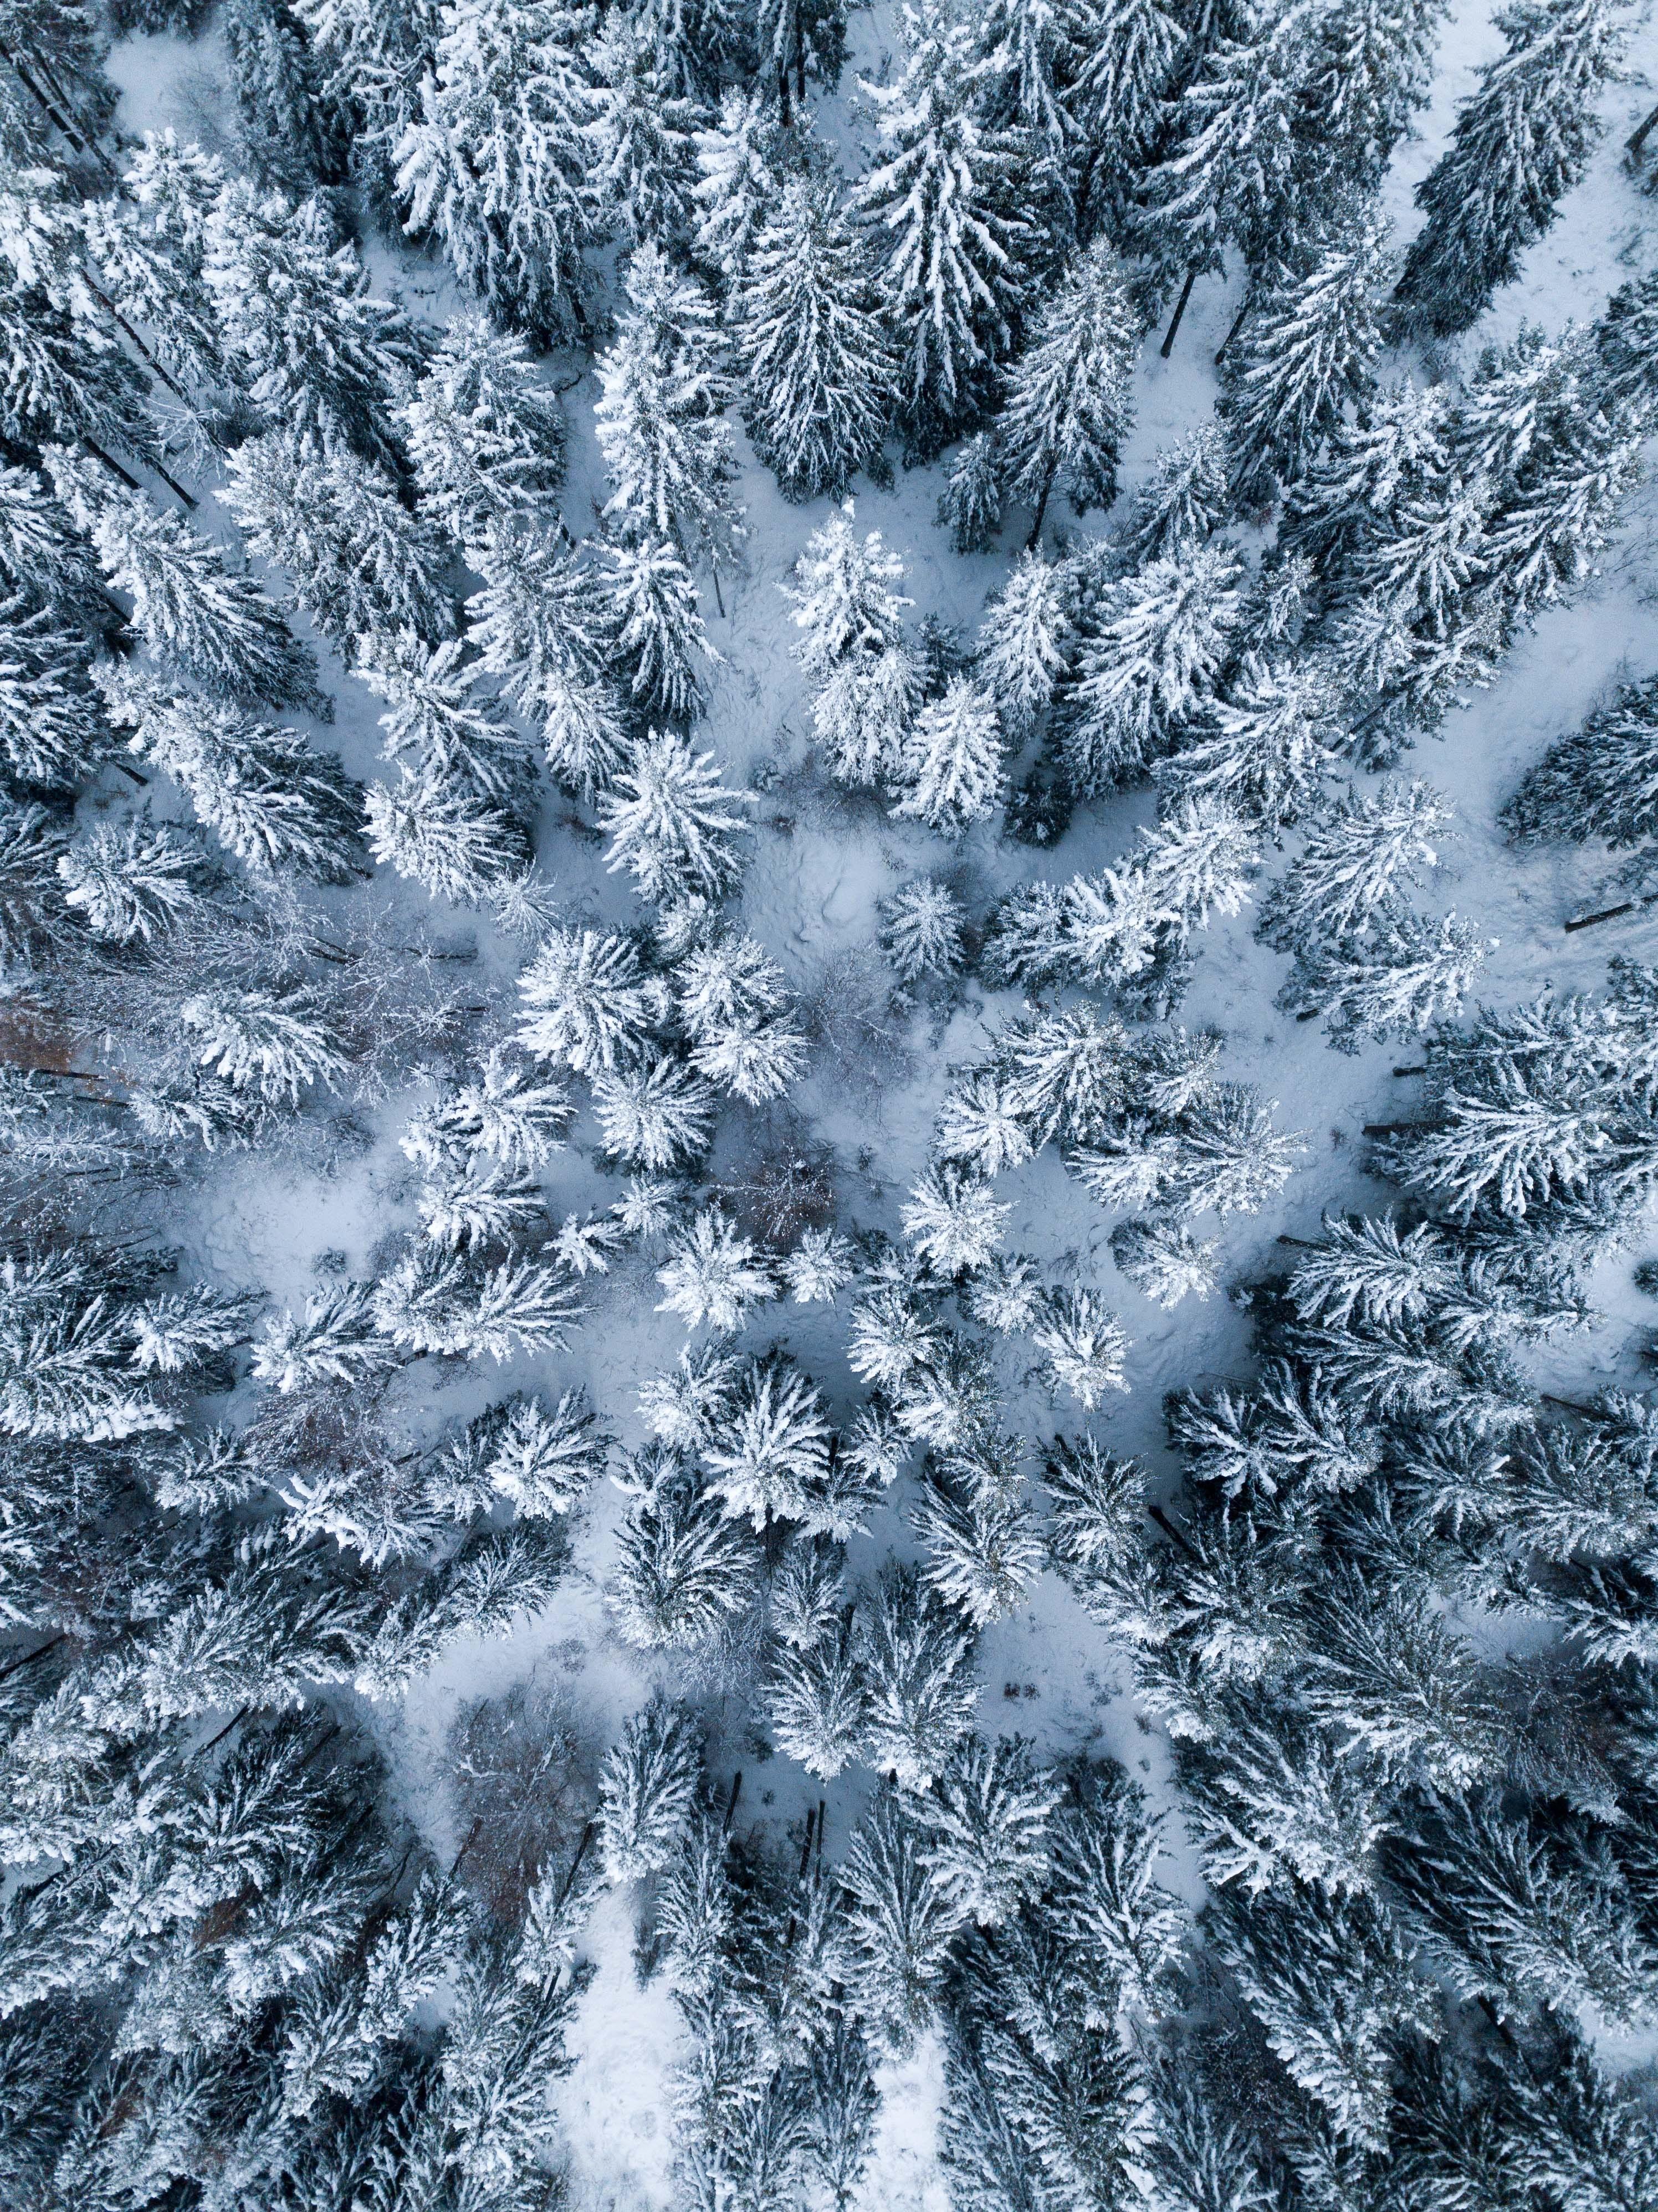 02 - Vue aérienne Forêt en hiver